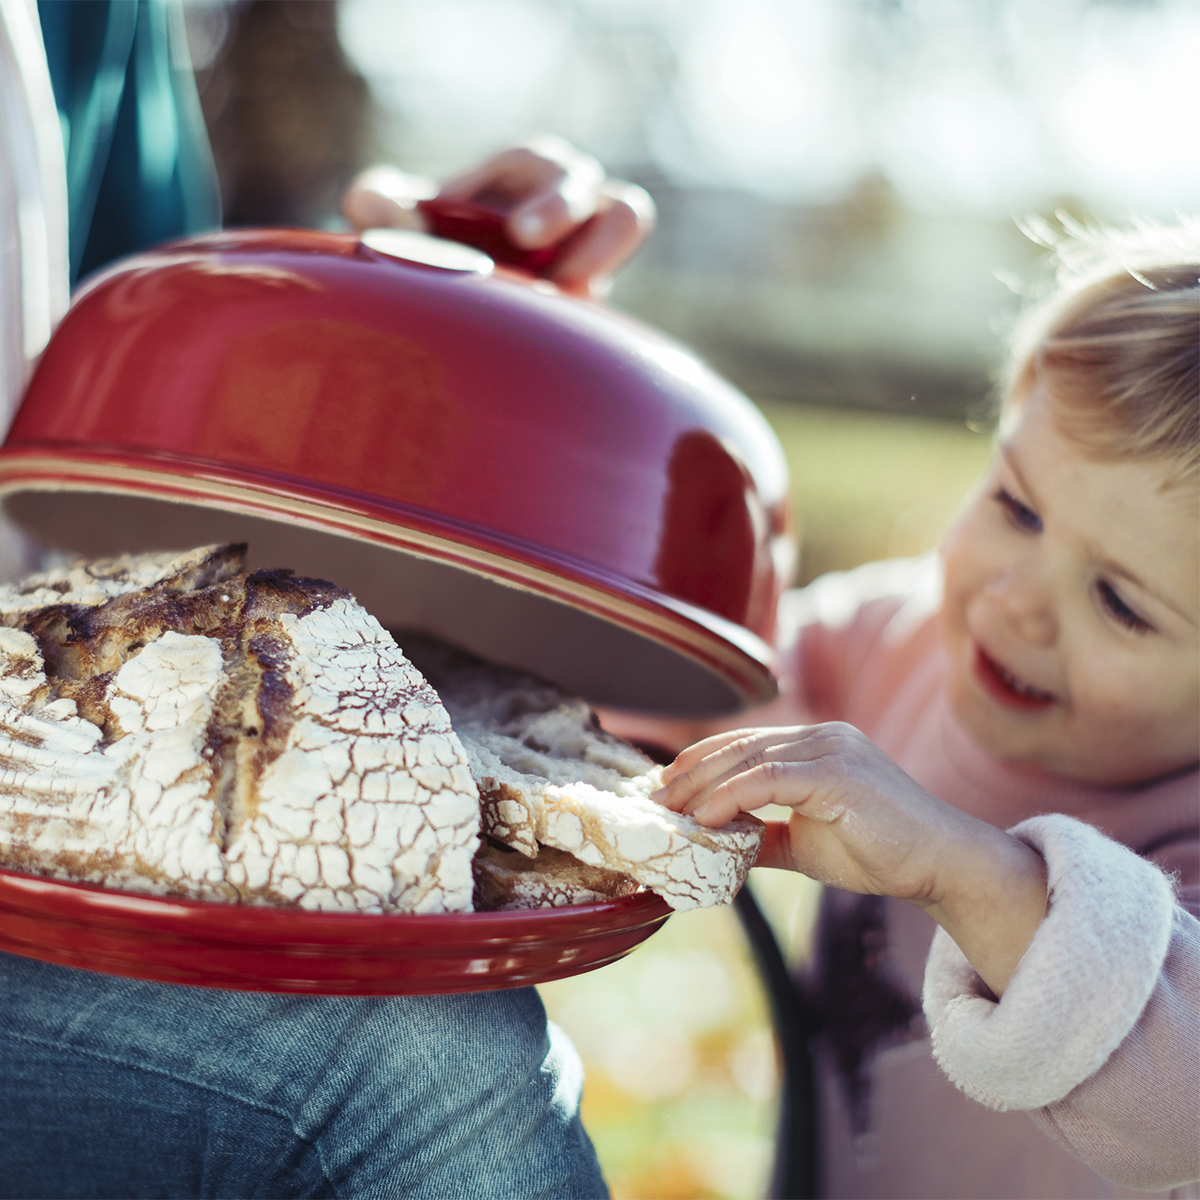 Redescubra os prazeres de fazer pão caseiro, com receitas originais e simples.